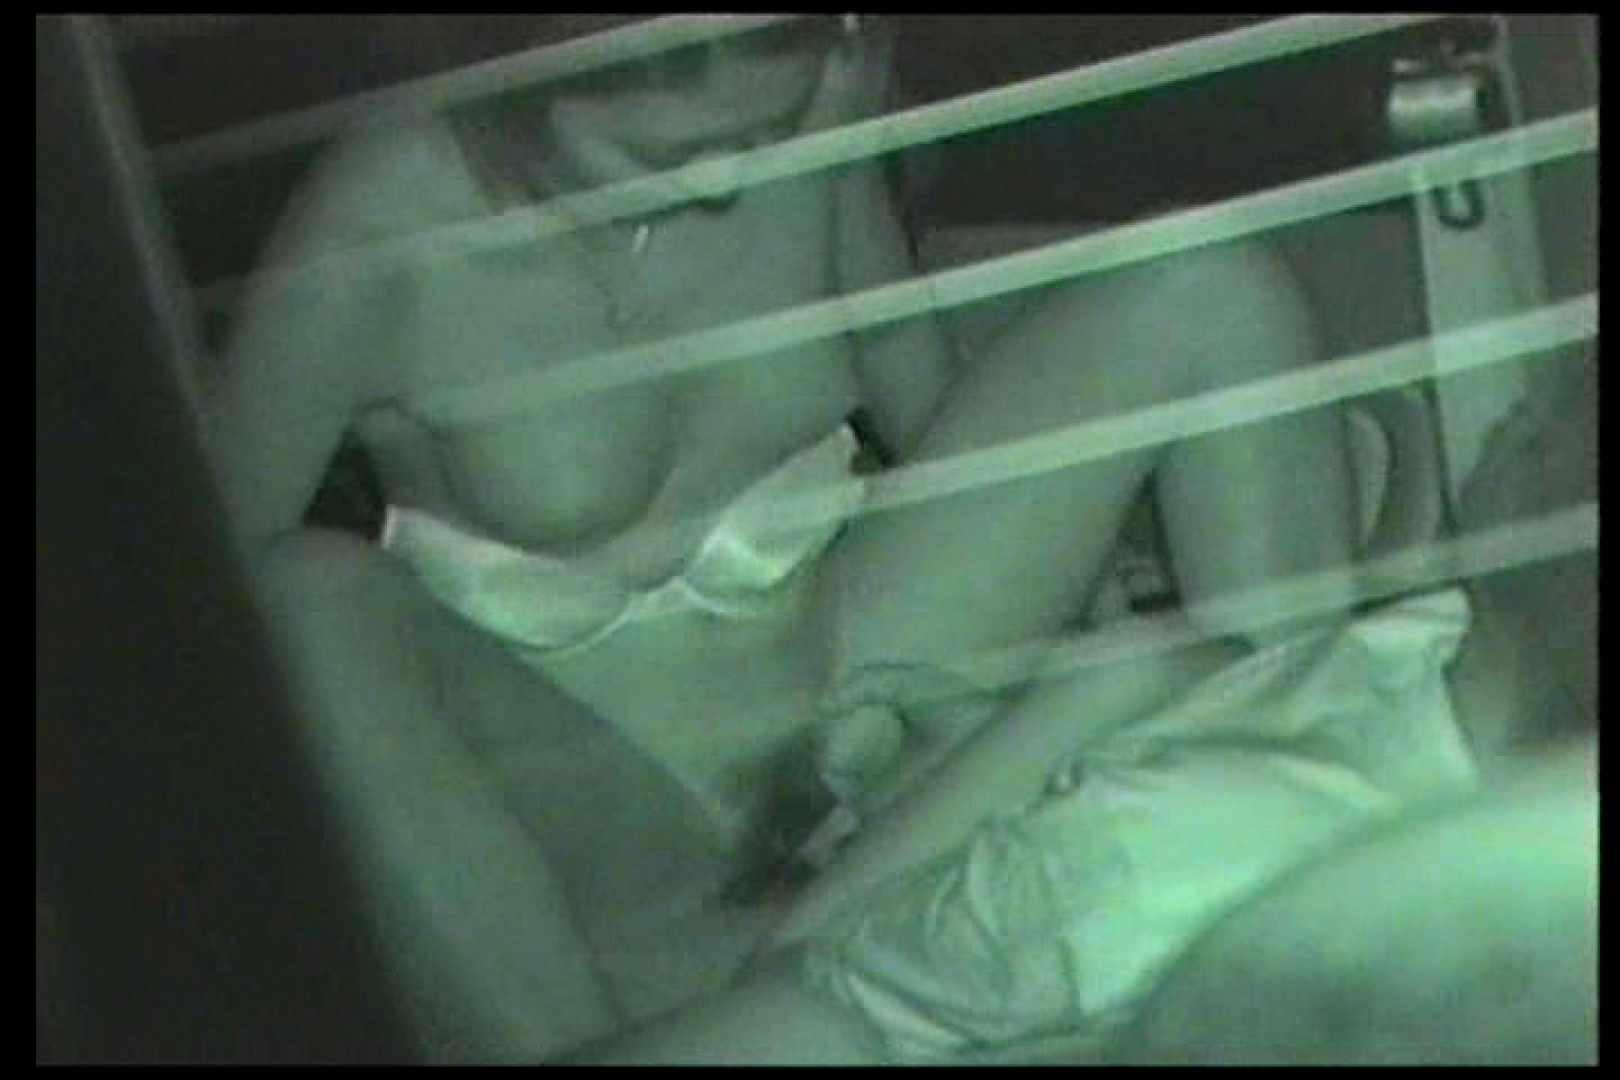 カーセックス未編集・無修正版 Vol.6後編 高画質 アダルト動画キャプチャ 76連発 71